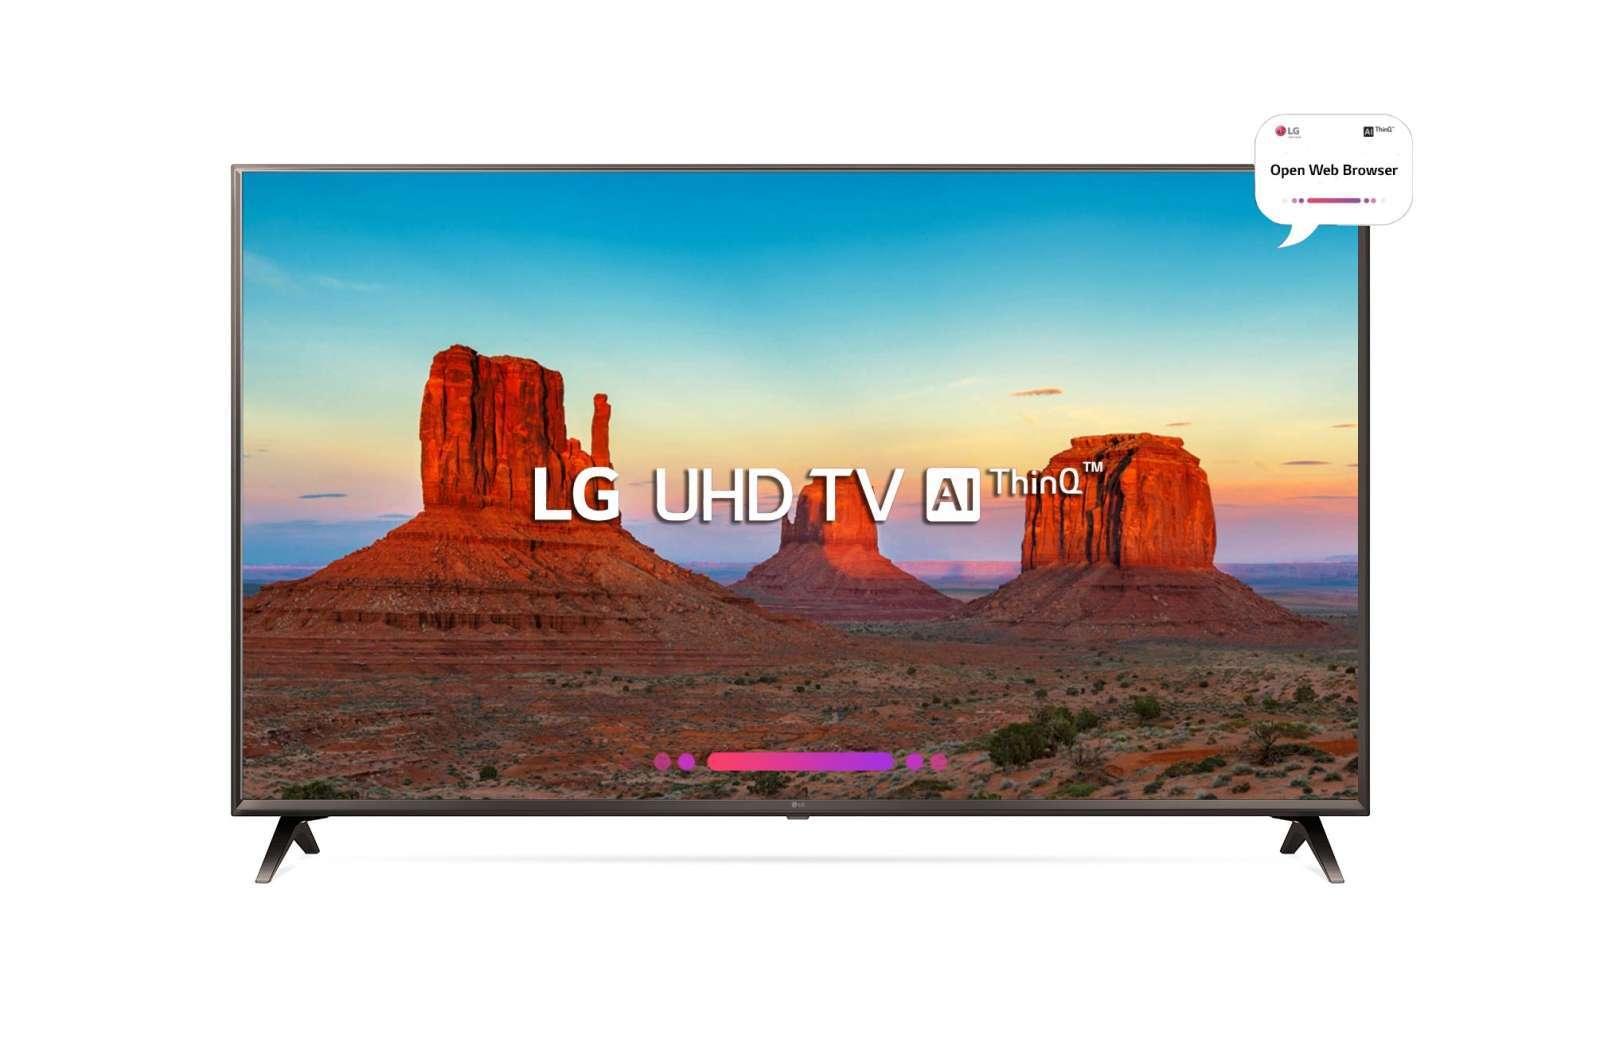 LG 55 Inches Ultra HD (4K) LED Smart TV (55UK6500PTC)